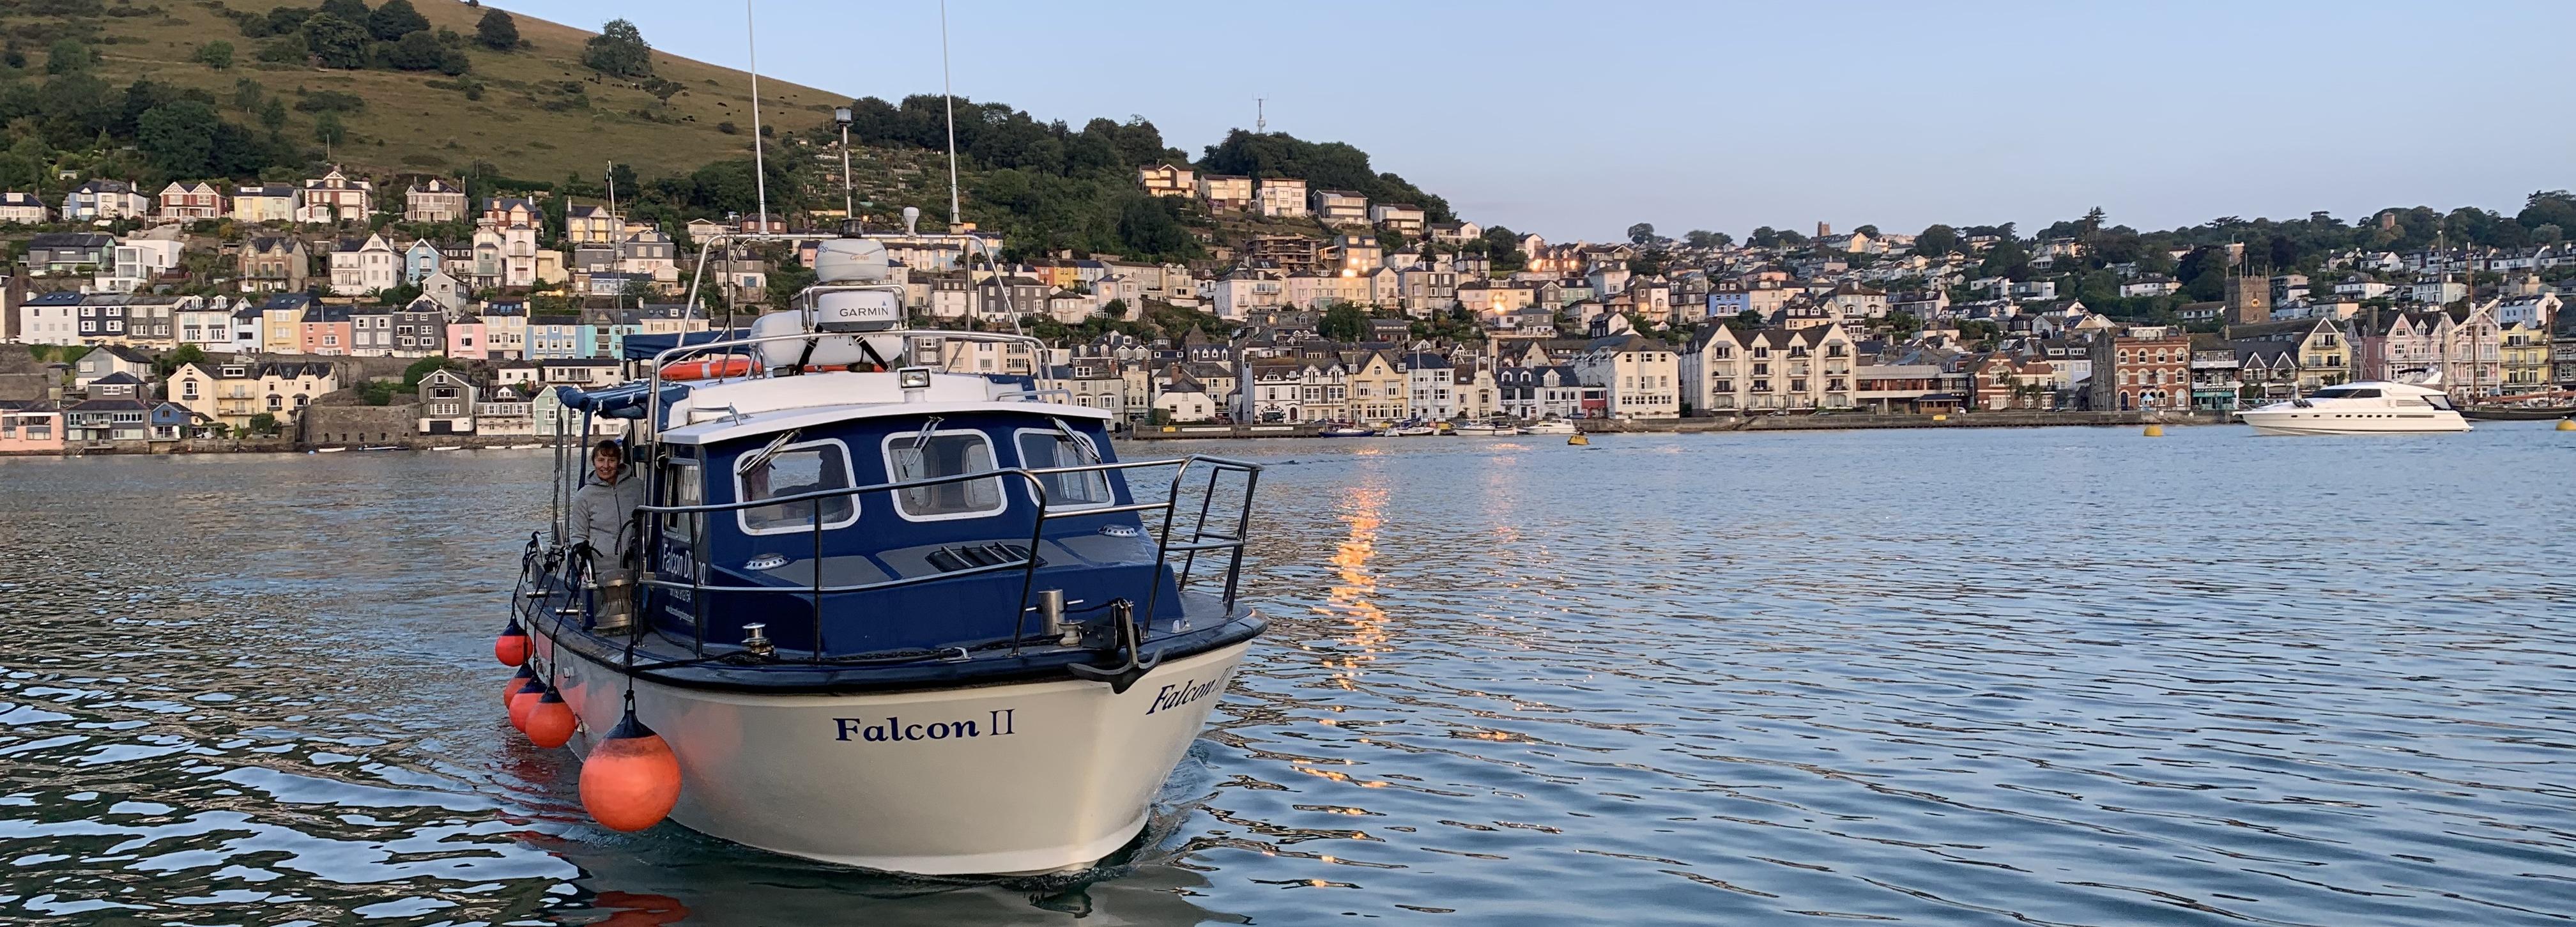 Falcon Dartmouth